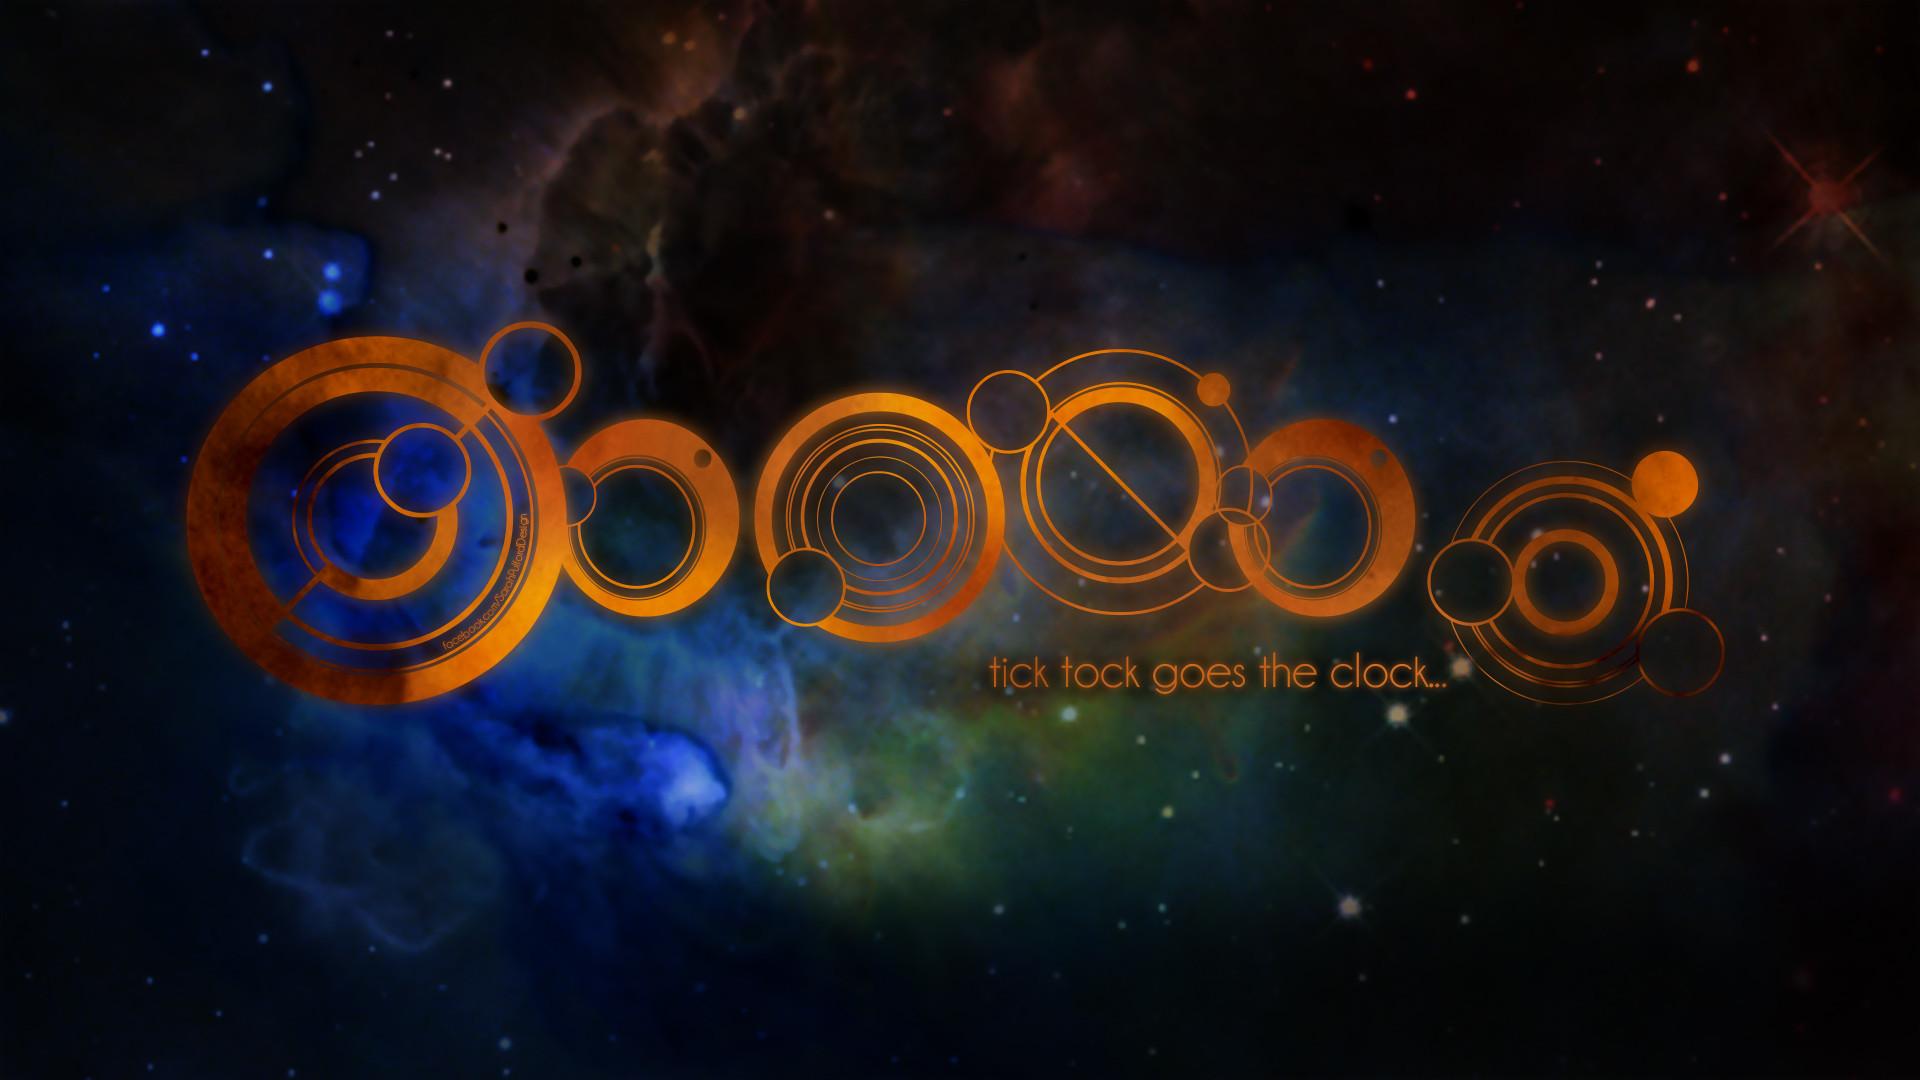 Doctor Who wallpapers desktop